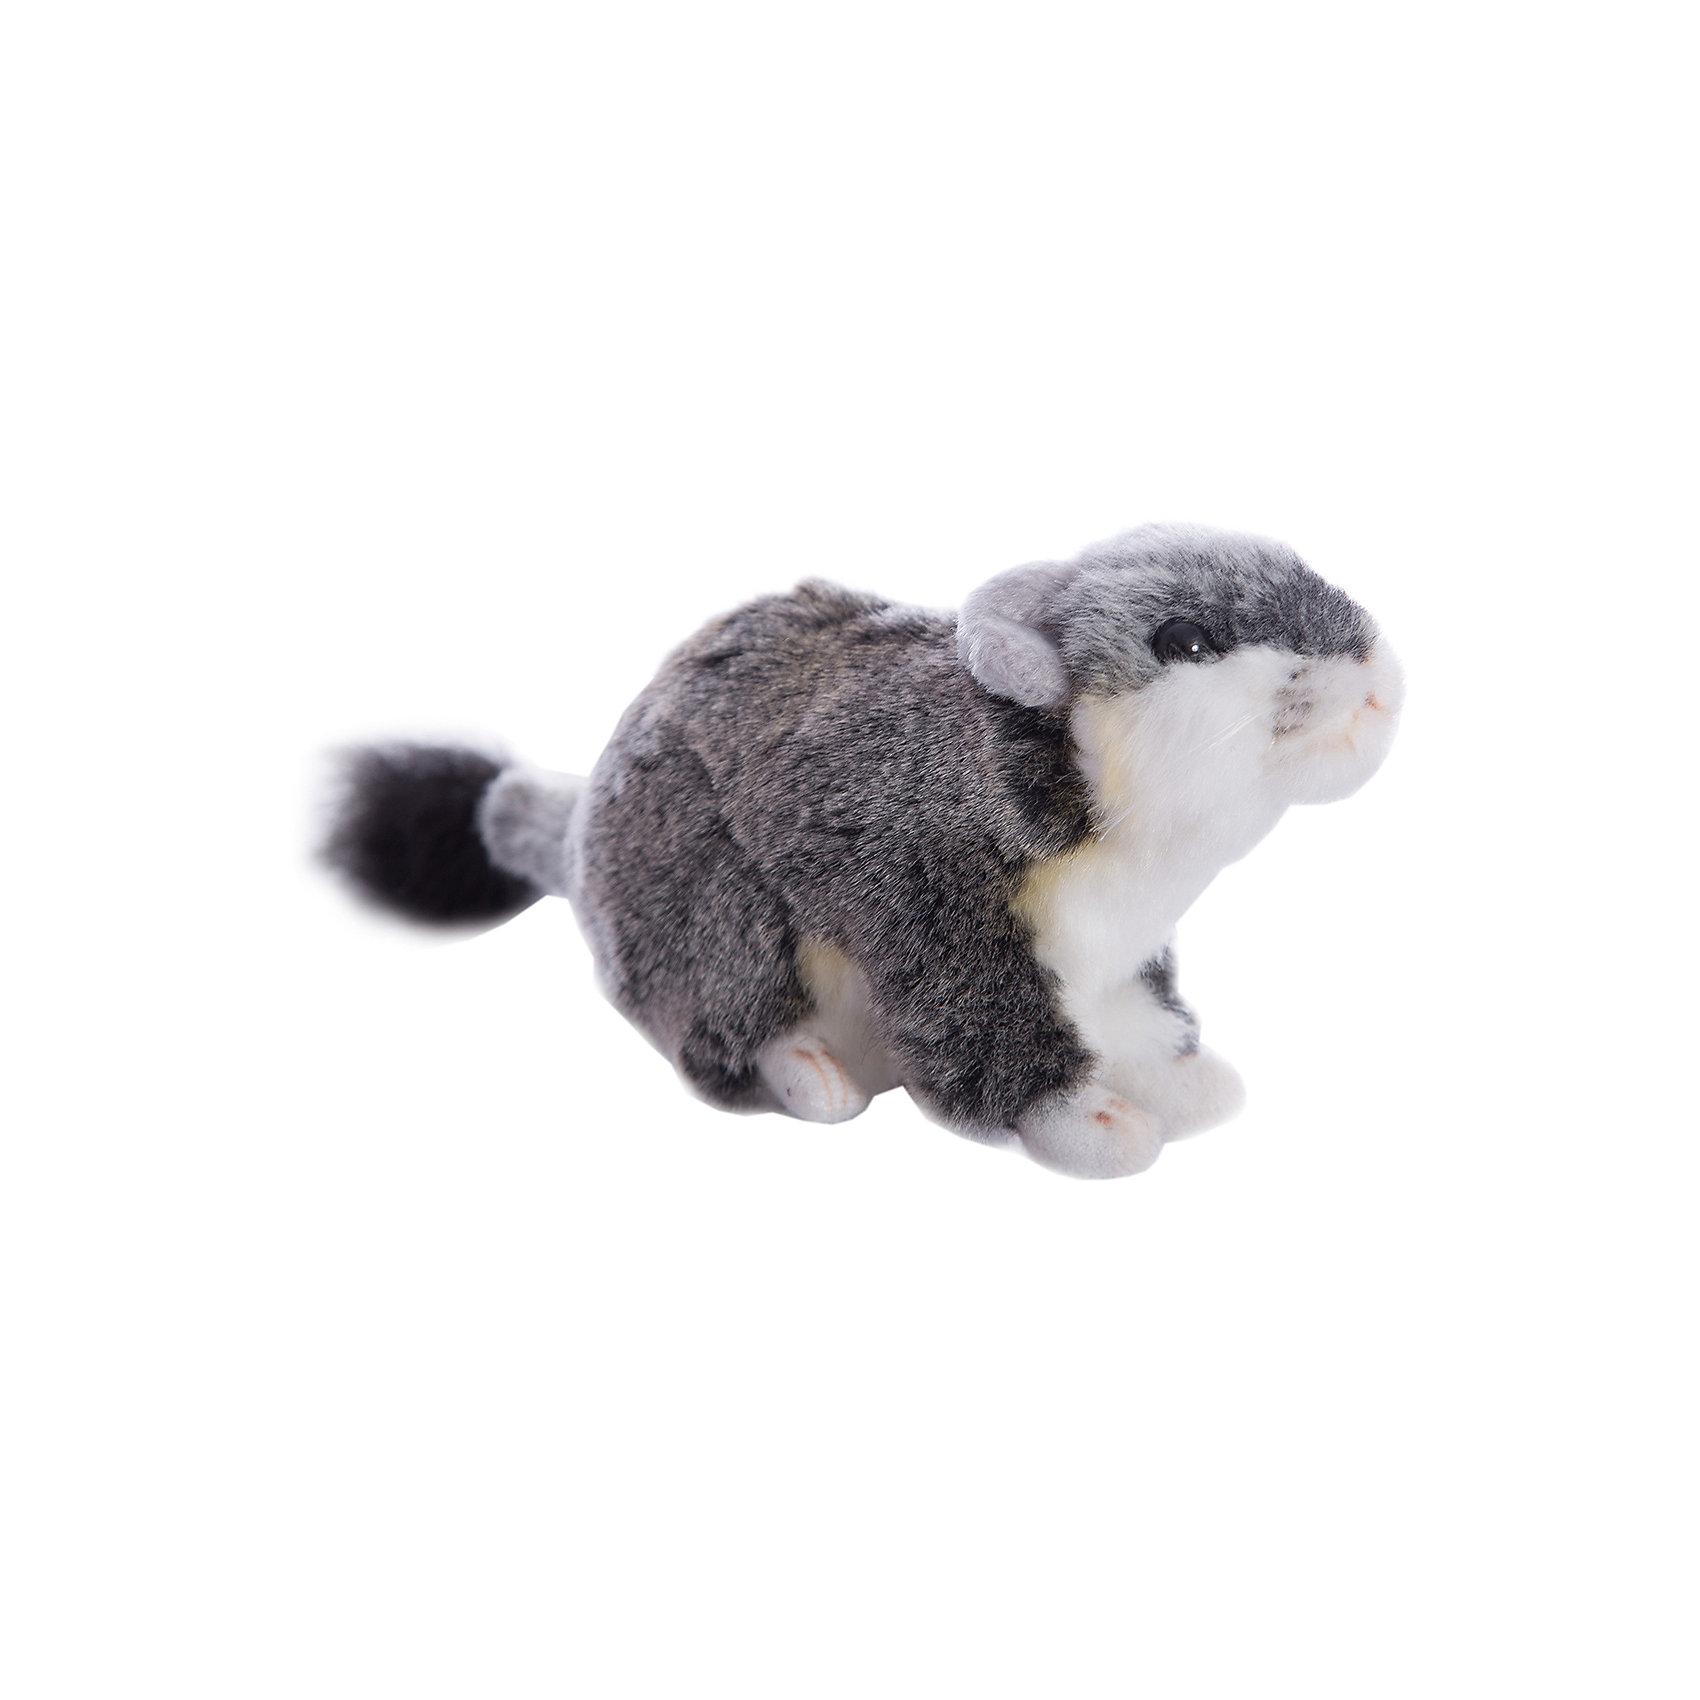 Хомячок джунгарский, 12 см, HansaМягкие игрушки животные<br>Хомячок джунгарский, 12 см – игрушка от знаменитого бренда Hansa, специализирующегося на выпуске мягких игрушек с высокой степенью натуралистичности. Внешний вид игрушки полностью соответствует реальному прототипу – русскому карликовому хомячку. Он выполнен из искусственного меха с коротким ворсом. Окрас шкурки соответствует окрасу животного – серая спинка и белая грудка. Использованные материалы обладают гипоаллергенными свойствами. Внутри игрушки имеется металлический каркас, позволяющий изменять положение. <br>Игрушка относится к серии Дикие животные. <br>Мягкие игрушки от Hansa подходят для сюжетно-ролевых игр, для обучающих игр, направленных на знакомство с животным миром дикой природы. Кроме того, их можно использовать в качестве интерьерных игрушек. Коллекция из нескольких игрушек позволяет создать свой домашний зоопарк, который будет радовать вашего ребенка долгое время, так как ручная работа и качественные материалы гарантируют их долговечность и прочность.<br><br>Дополнительная информация:<br><br>- Вид игр: сюжетно-ролевые игры, коллекционирование, интерьерные игрушки<br>- Предназначение: для дома, для детских развивающих центров, для детских садов<br>- Материал: искусственный мех, наполнитель ? полиэфирное волокно<br>- Размер (ДхШхВ): 12*8*7 см<br>- Вес: 120 г<br>- Особенности ухода: сухая чистка при помощи пылесоса или щетки для одежды<br><br>Подробнее:<br><br>• Для детей в возрасте: от 3 лет <br>• Страна производитель: Филиппины<br>• Торговый бренд: Hansa<br><br>Хомячка джунгарского, 12 см можно купить в нашем интернет-магазине.<br><br>Ширина мм: 12<br>Глубина мм: 8<br>Высота мм: 7<br>Вес г: 120<br>Возраст от месяцев: 36<br>Возраст до месяцев: 2147483647<br>Пол: Унисекс<br>Возраст: Детский<br>SKU: 4935401